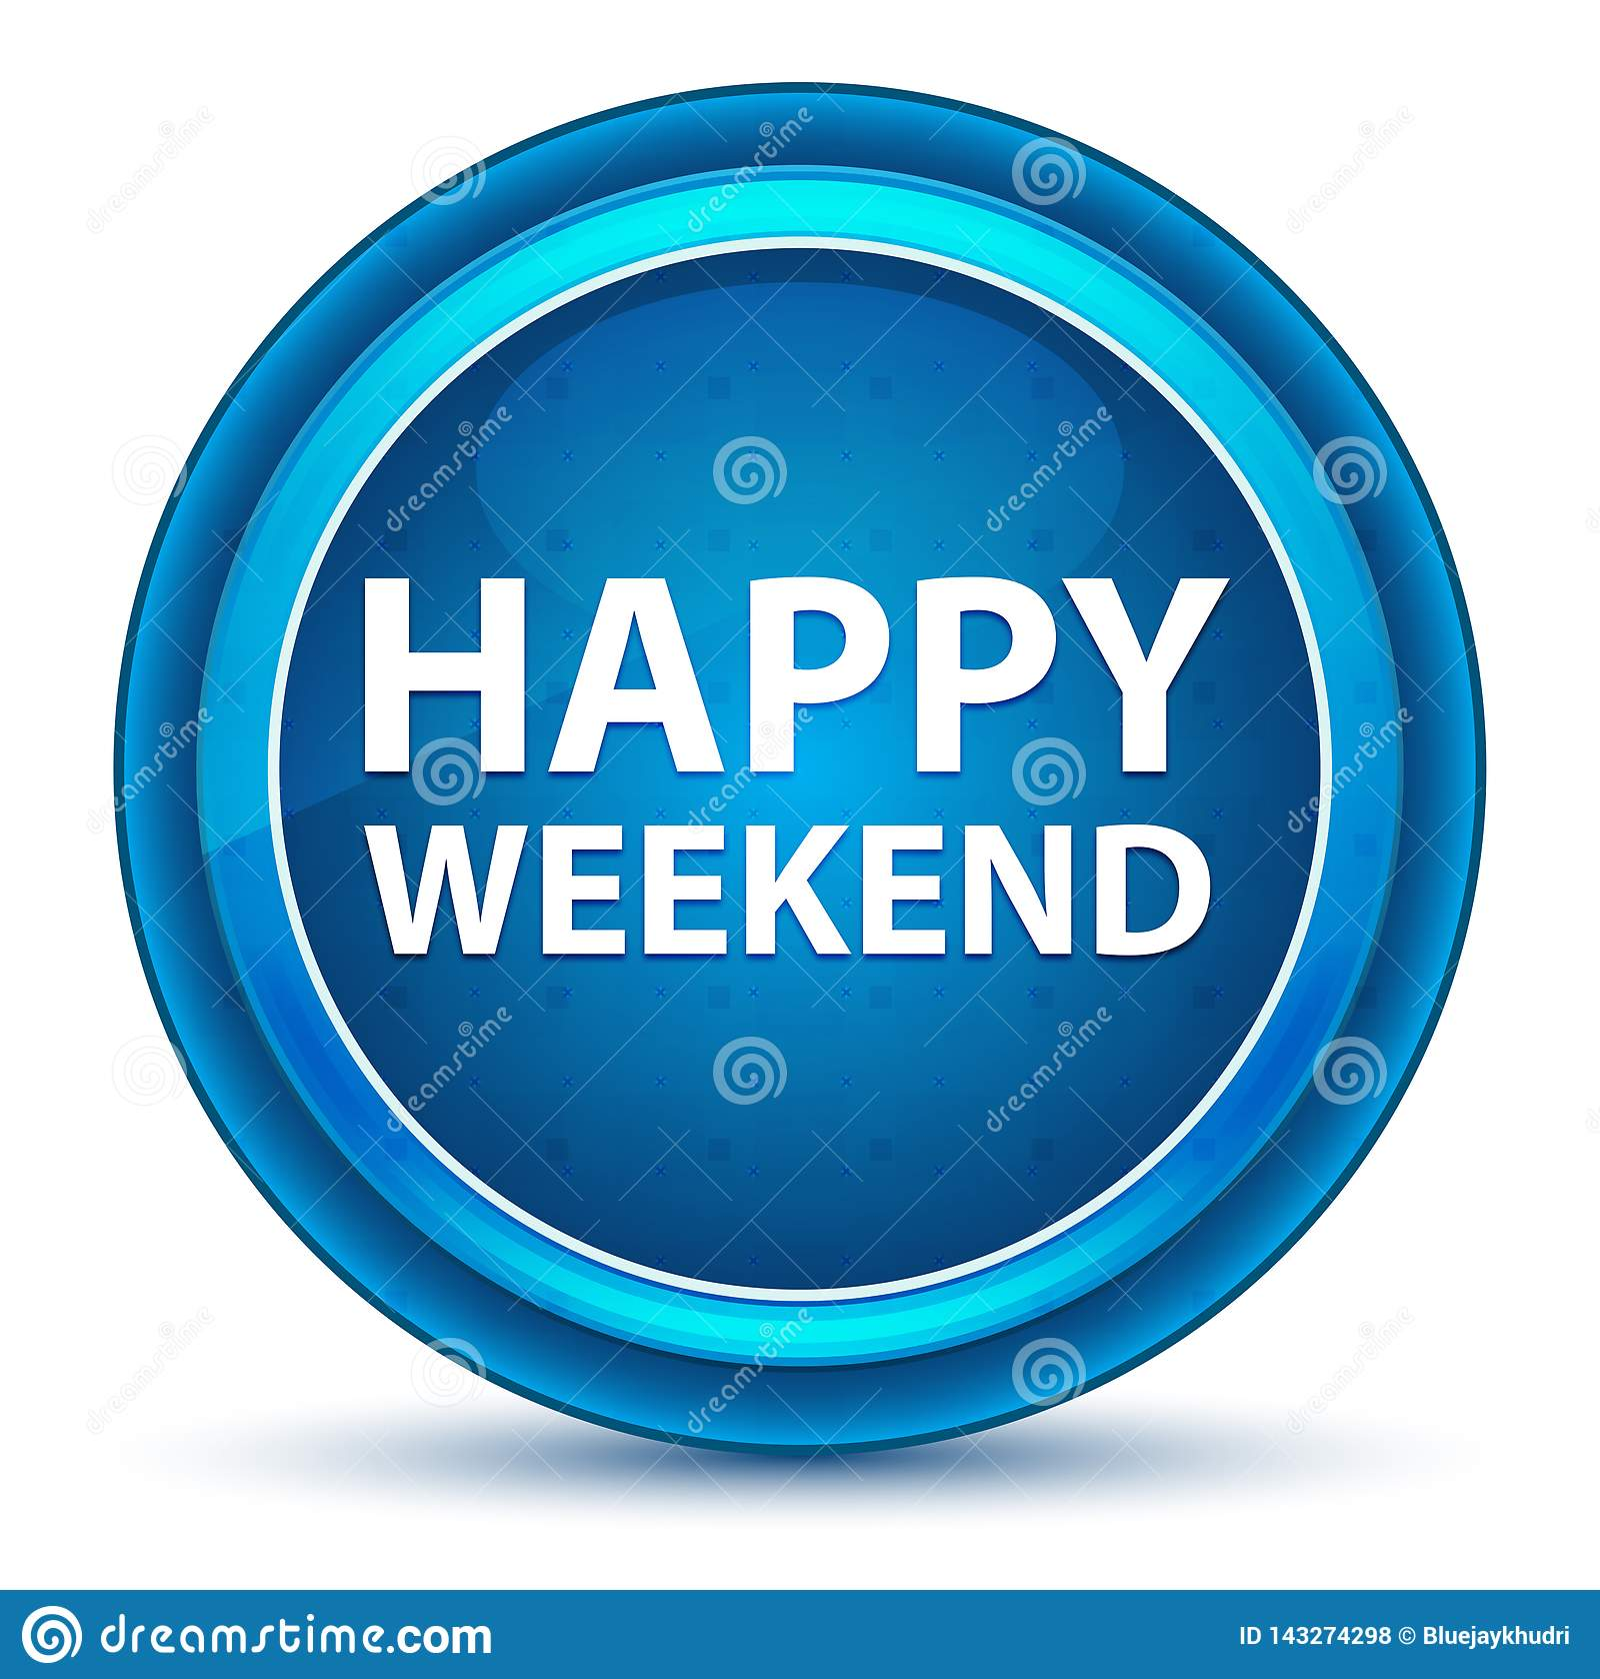 Bouton rond bleu de globe oculaire heureux de week-end